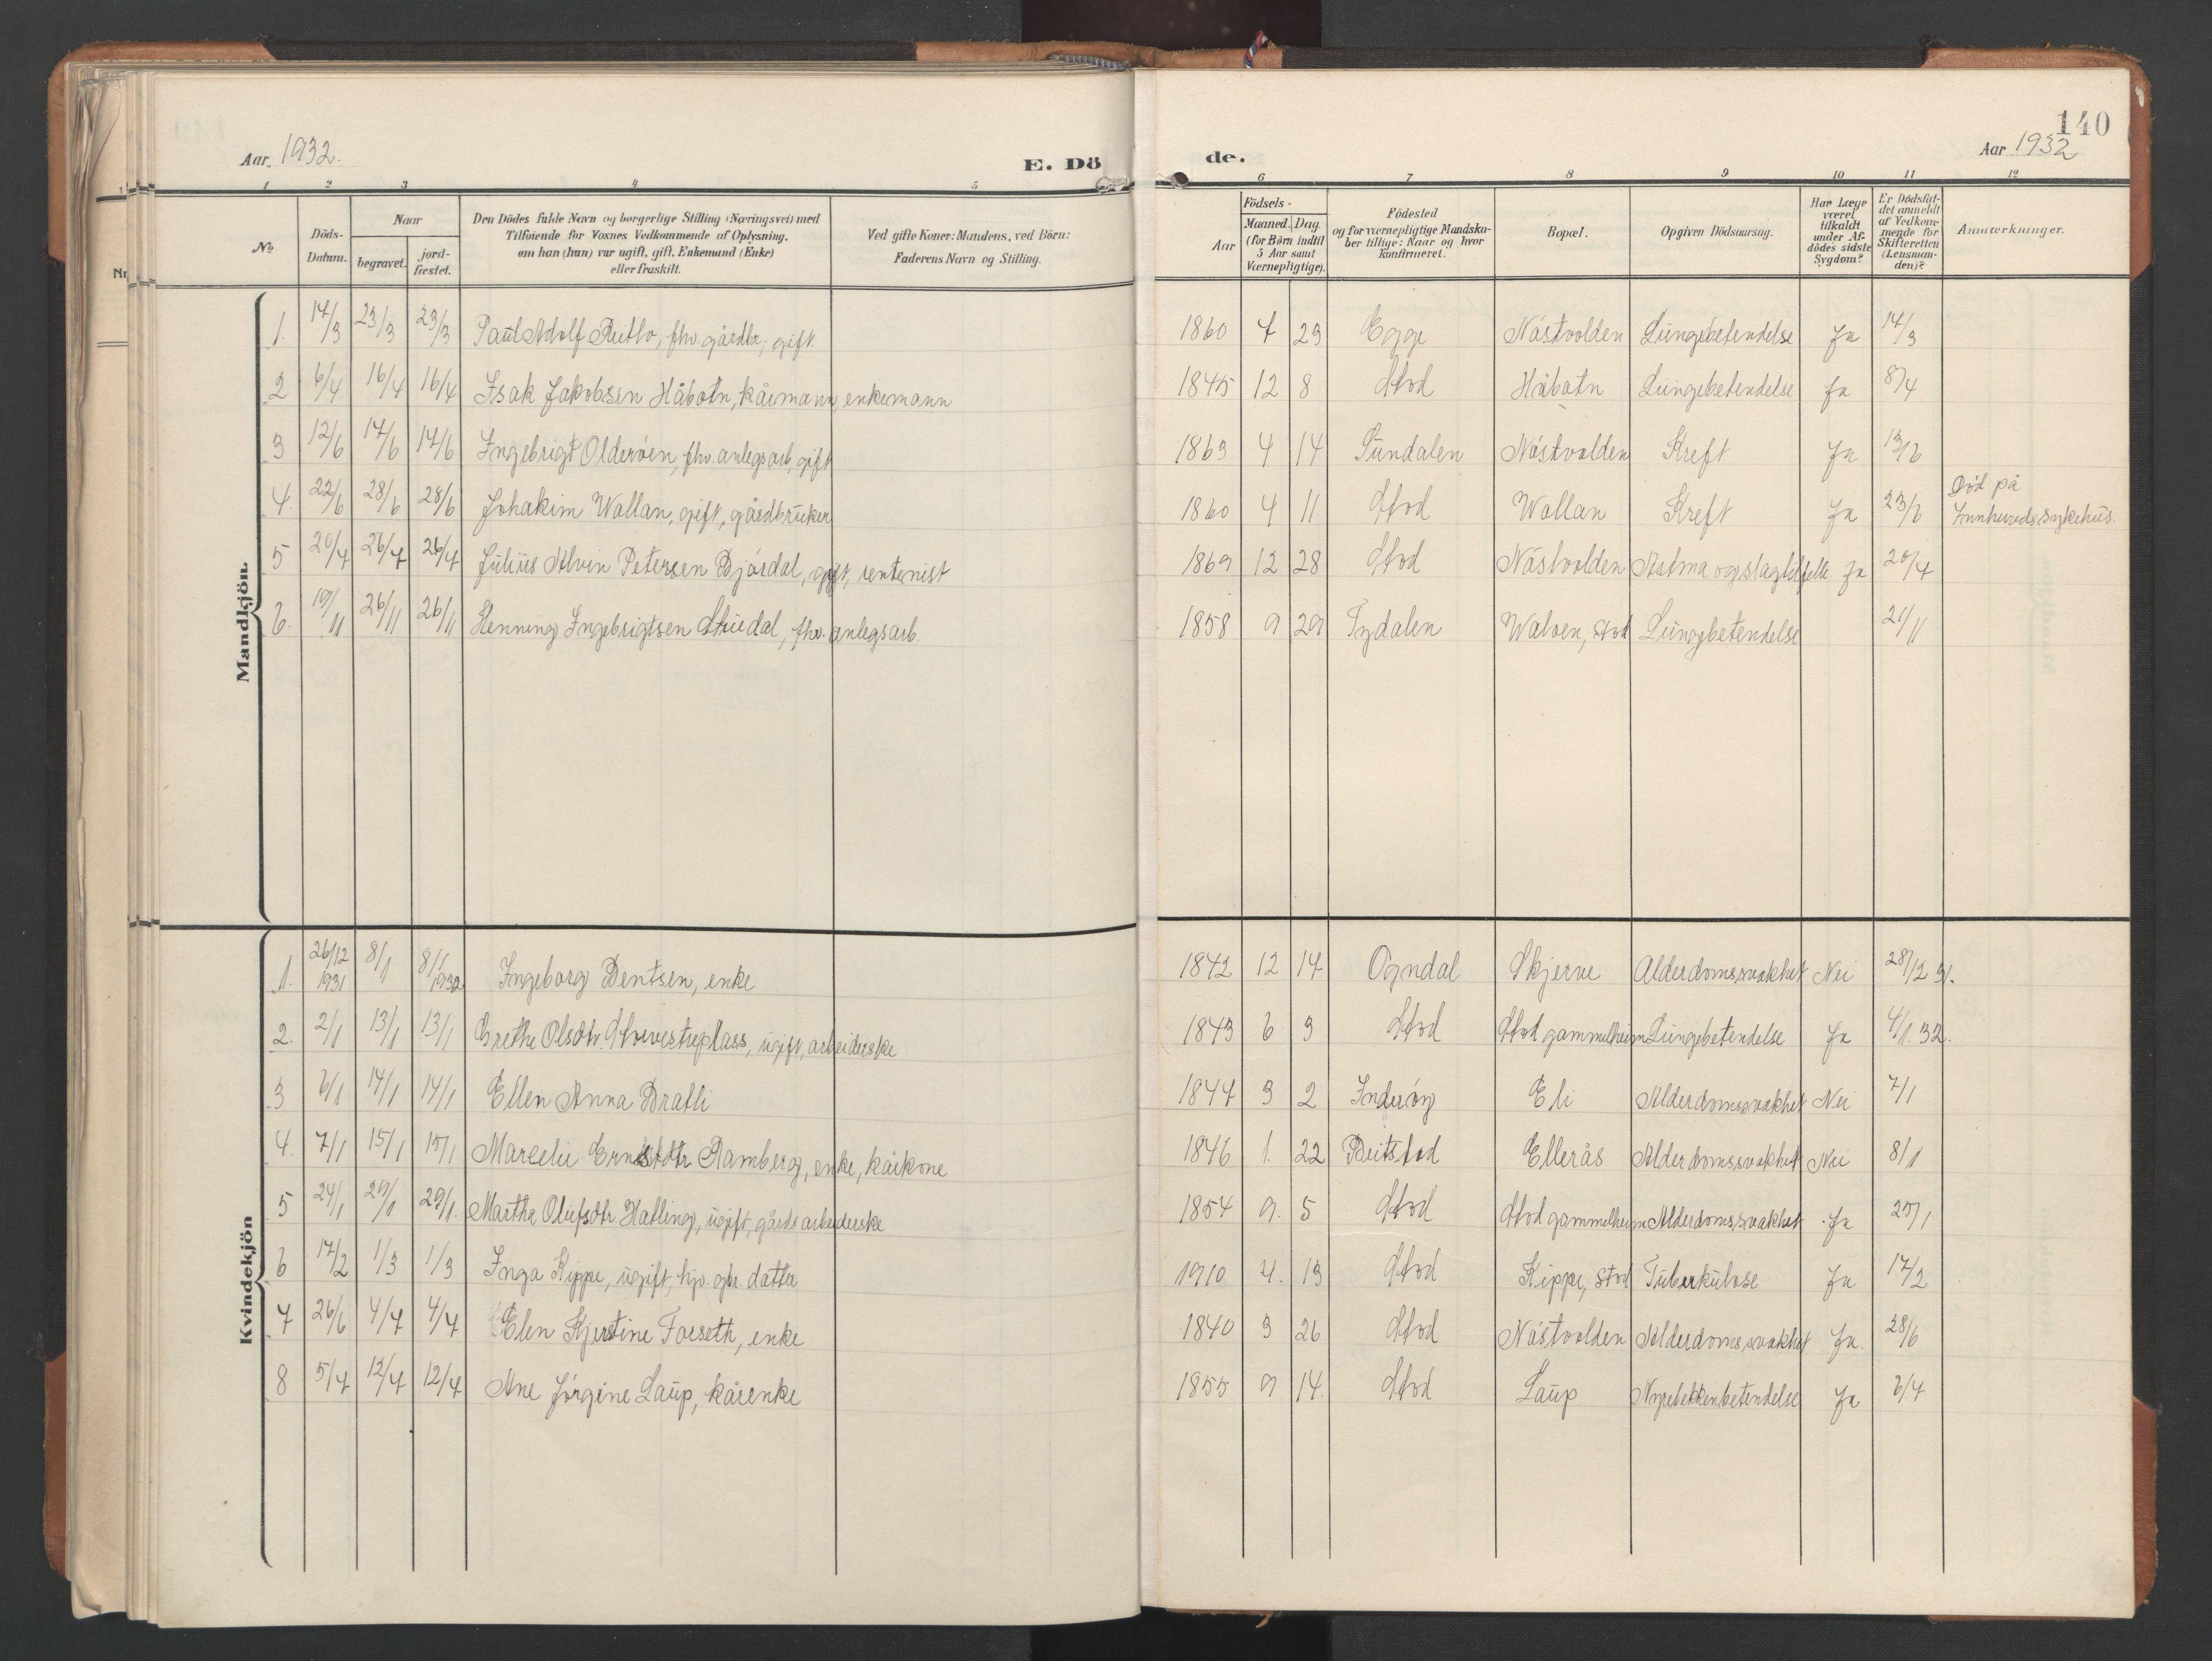 SAT, Ministerialprotokoller, klokkerbøker og fødselsregistre - Nord-Trøndelag, 746/L0455: Klokkerbok nr. 746C01, 1908-1933, s. 140